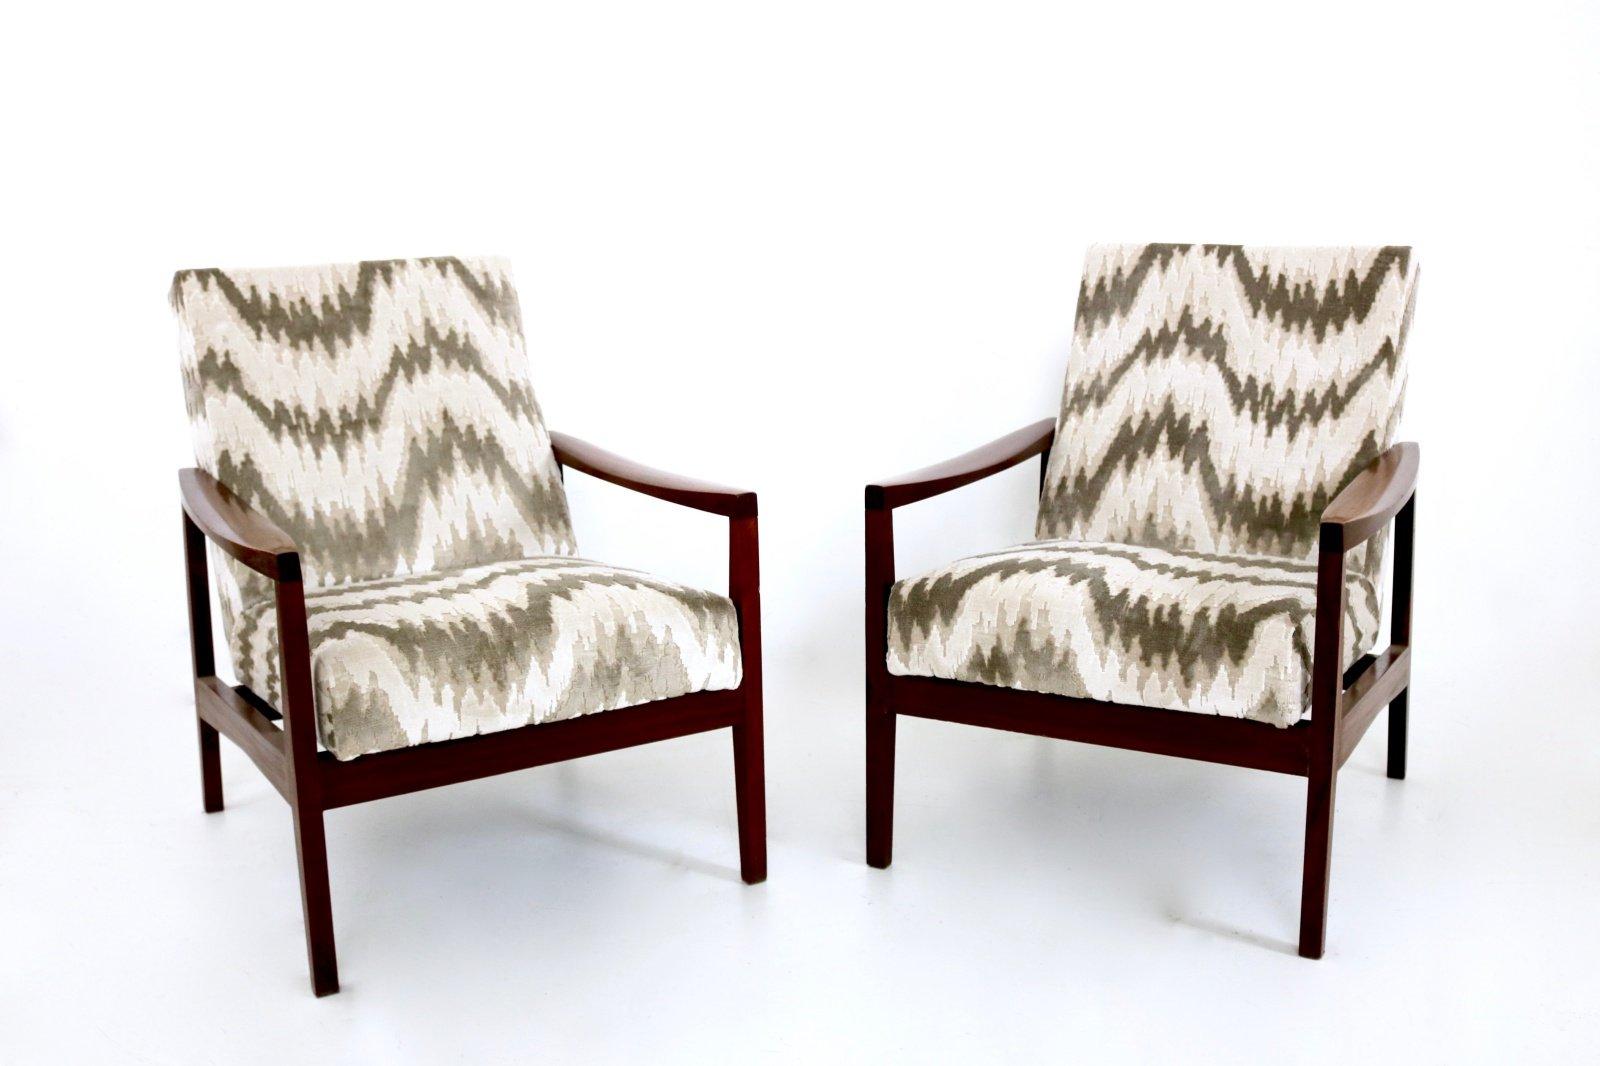 Italienische Sessel mit Gemustertem Stoffbezug, 1950er, 2er Set